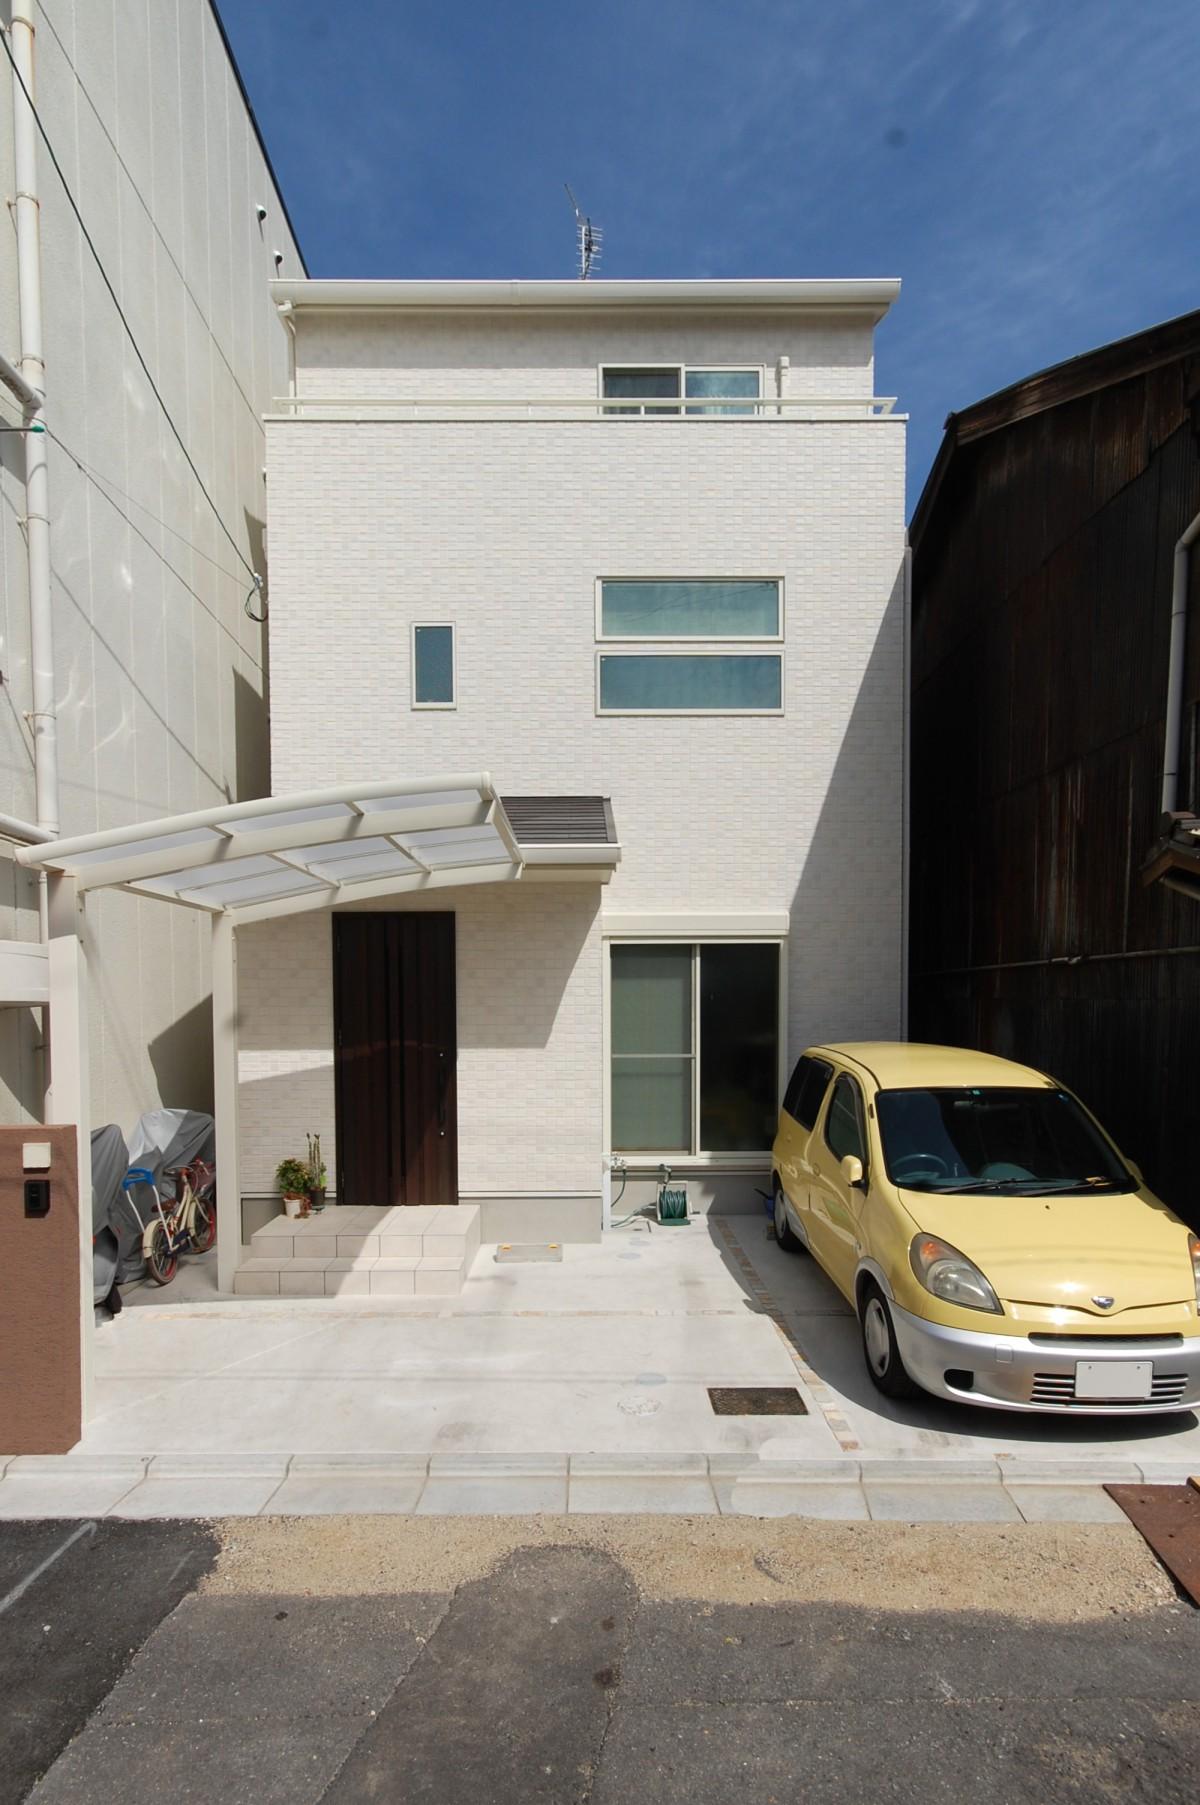 1階はご両親の生活スペース。お互いの空間 をゆったり確保された3階建ての2世帯住宅